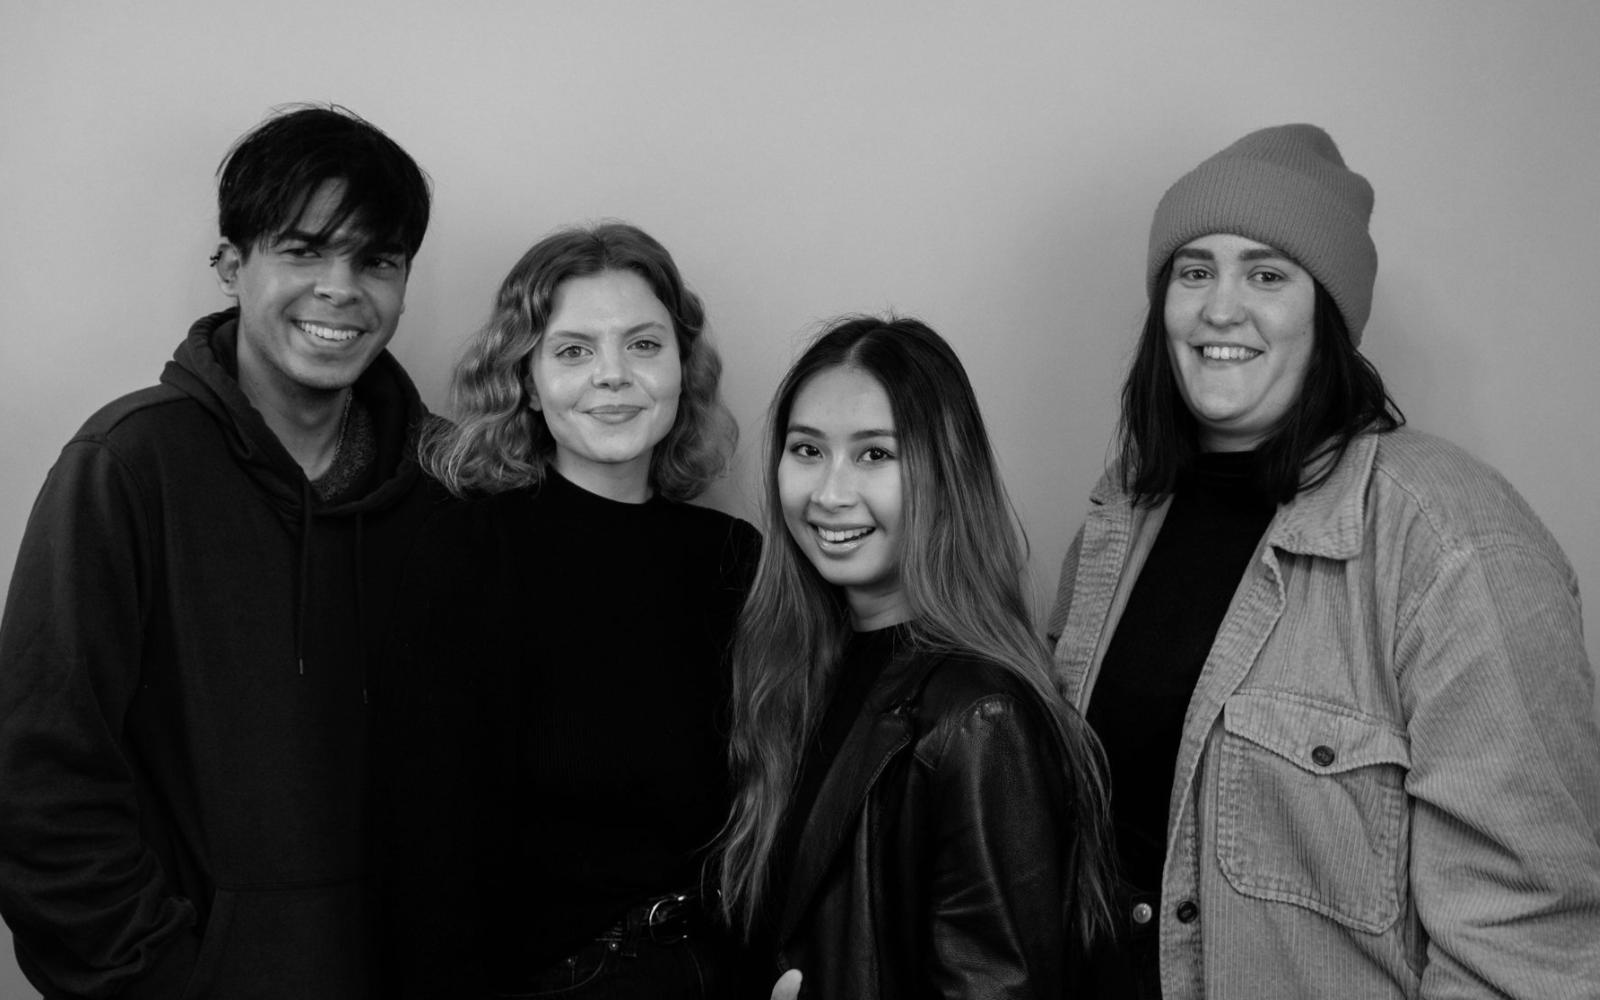 Projektgruppen för Vårskriket: Charlie Asplund, Elsa Burén, Sirinya Holst och Matilda Habbe. Foto: Johan Benno.